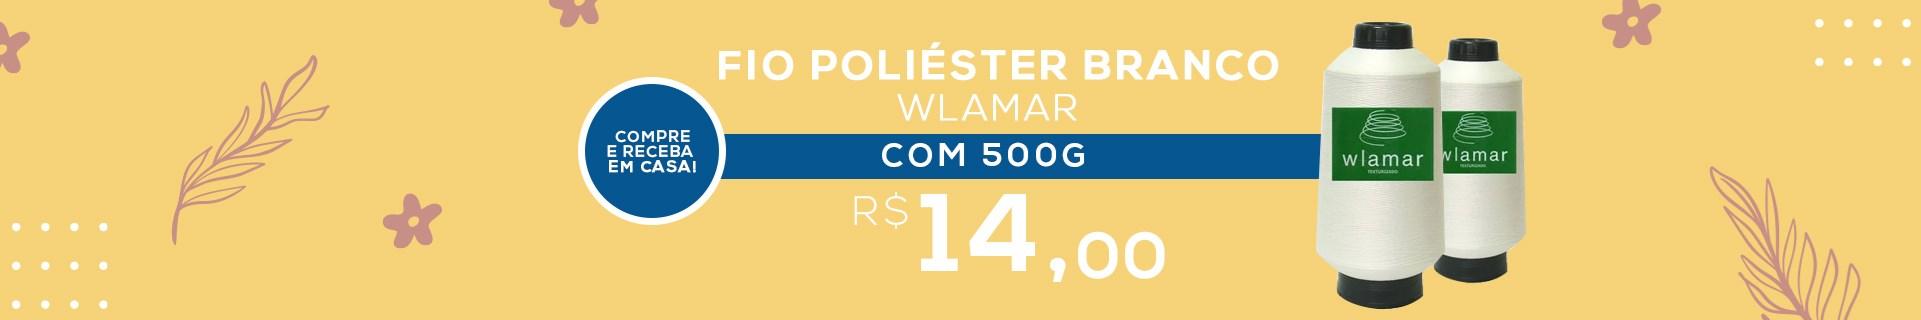 FIO DE POLIÉSTER BRANCO WLAMAR COM 500 GRAMAS